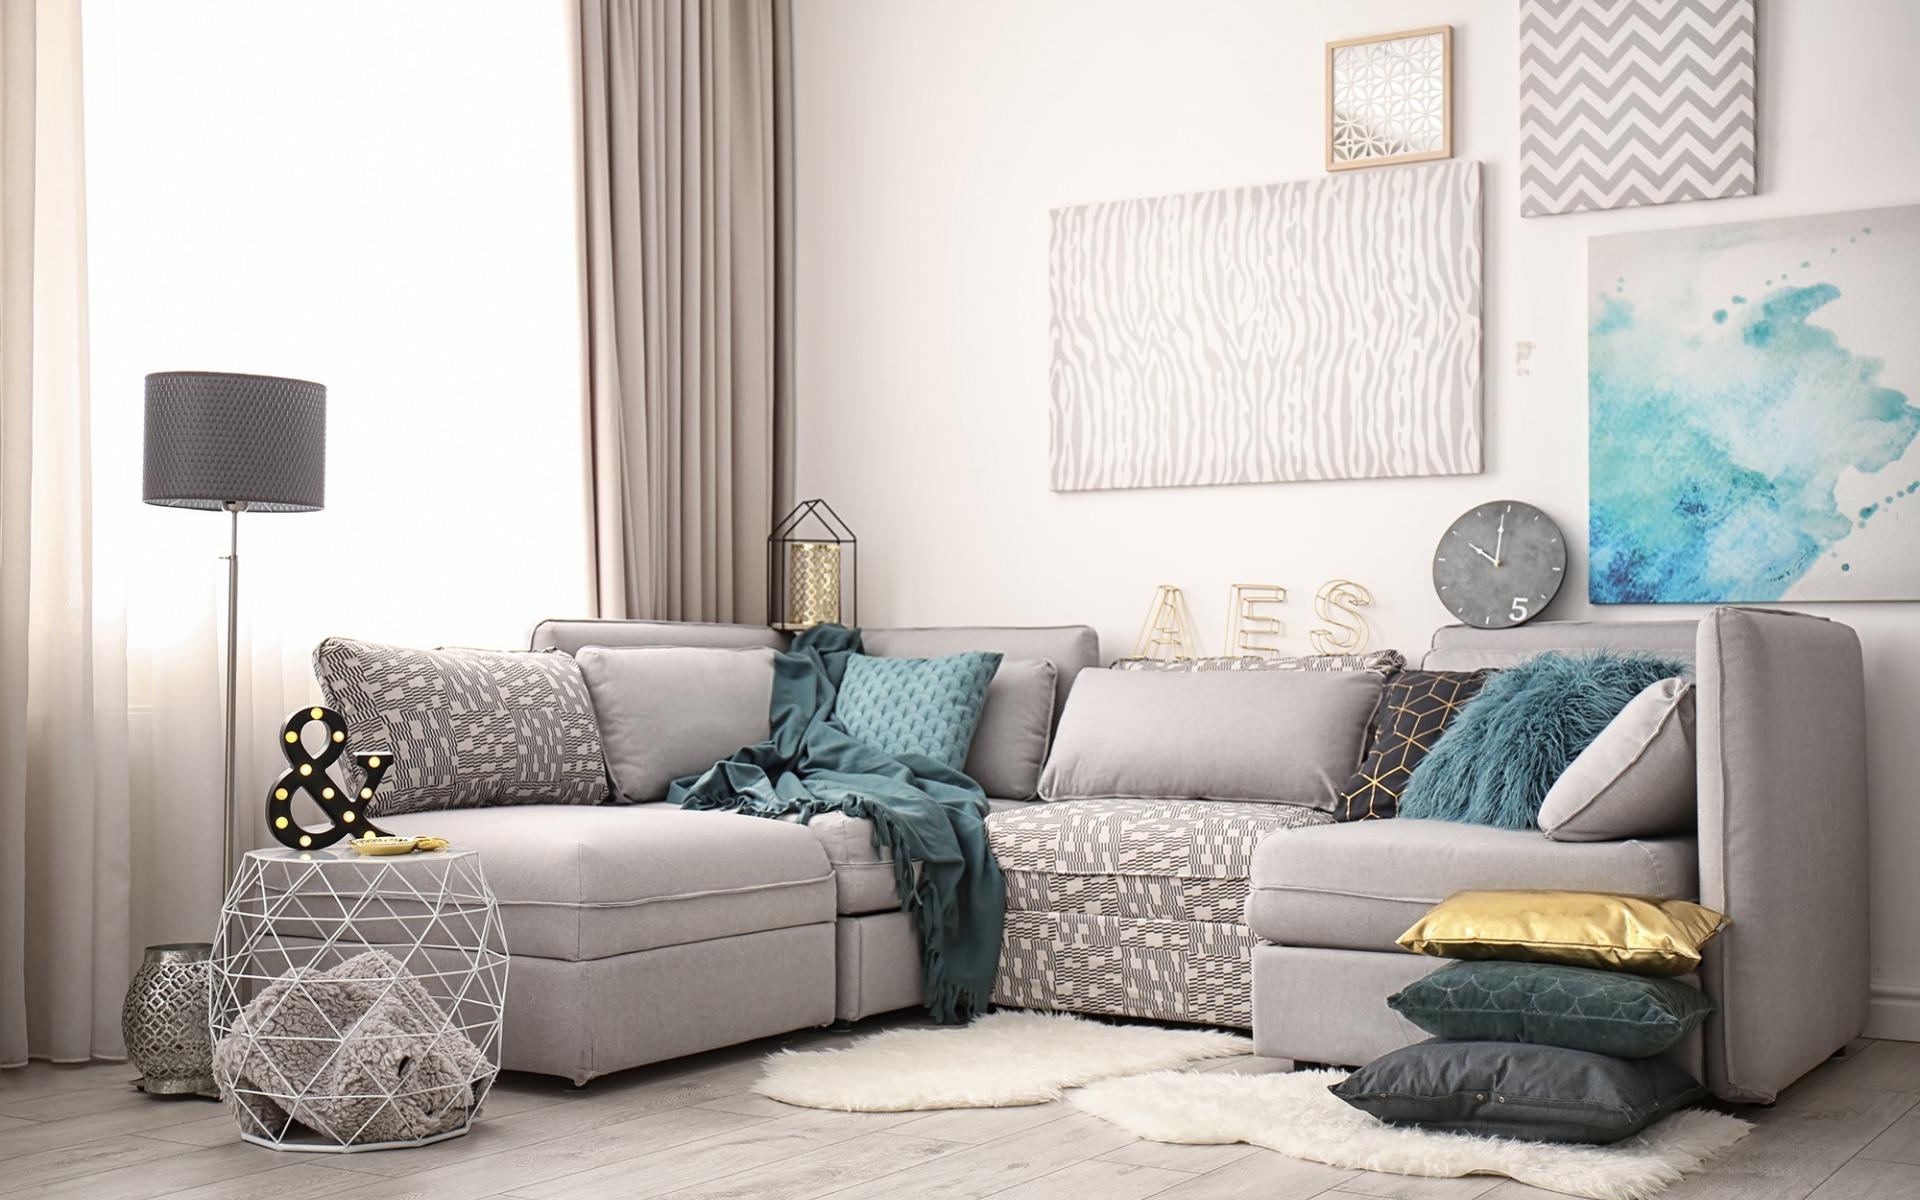 Full Size of Graues Sofa Wandfarbe Dekoration Teppich Farbe Graue Couch Welche Kissen Passt Welcher Gelbe Kleines Ikea Herunterladen Hintergrundbild Groes Mit Verstellbarer Sofa Graues Sofa